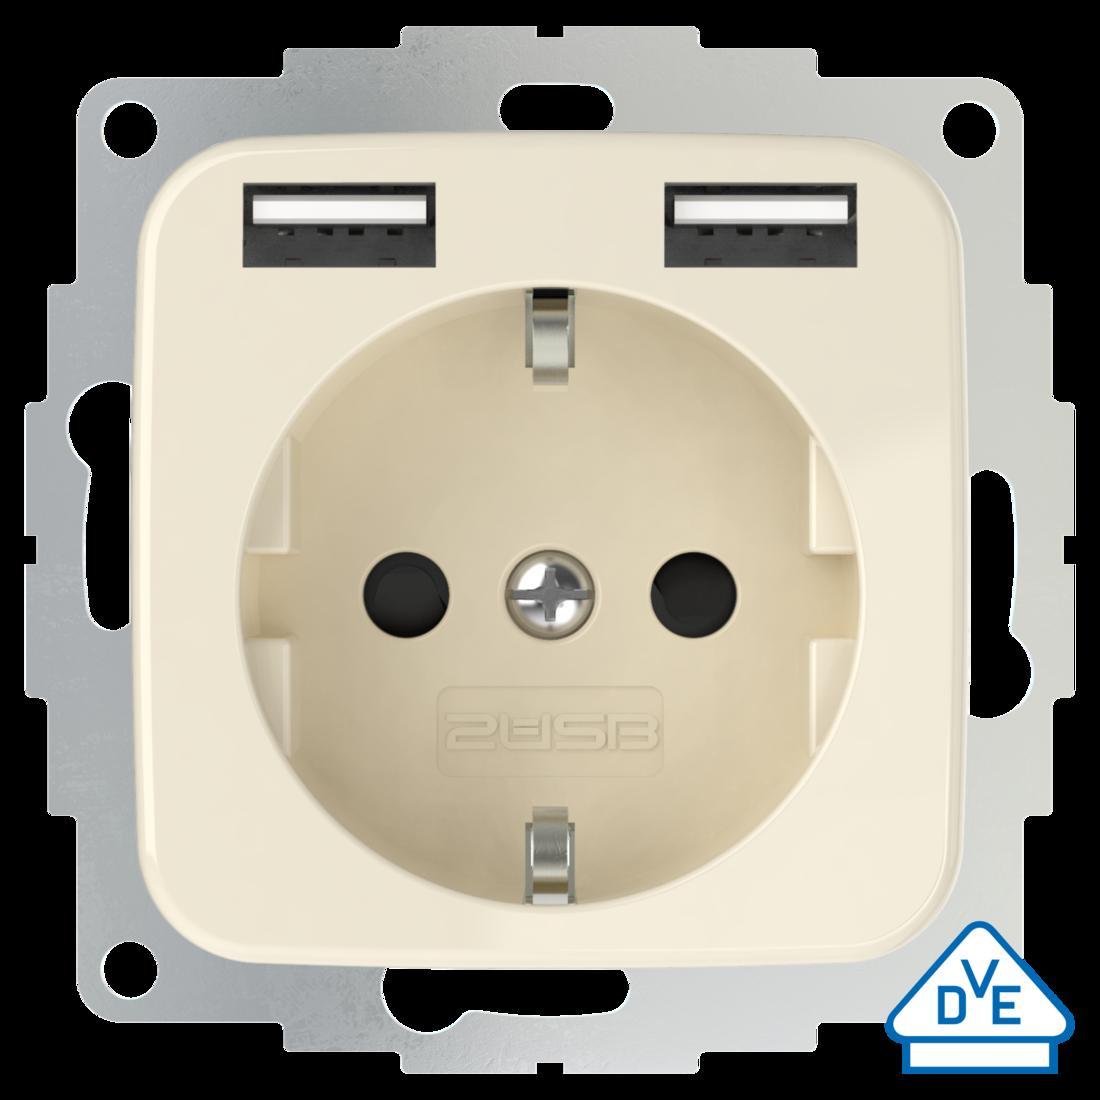 2USB universeel stopcontact met 2x USB 55x55 InCharge Pro SI EU 12W 2,4A - crème (2U-449399)